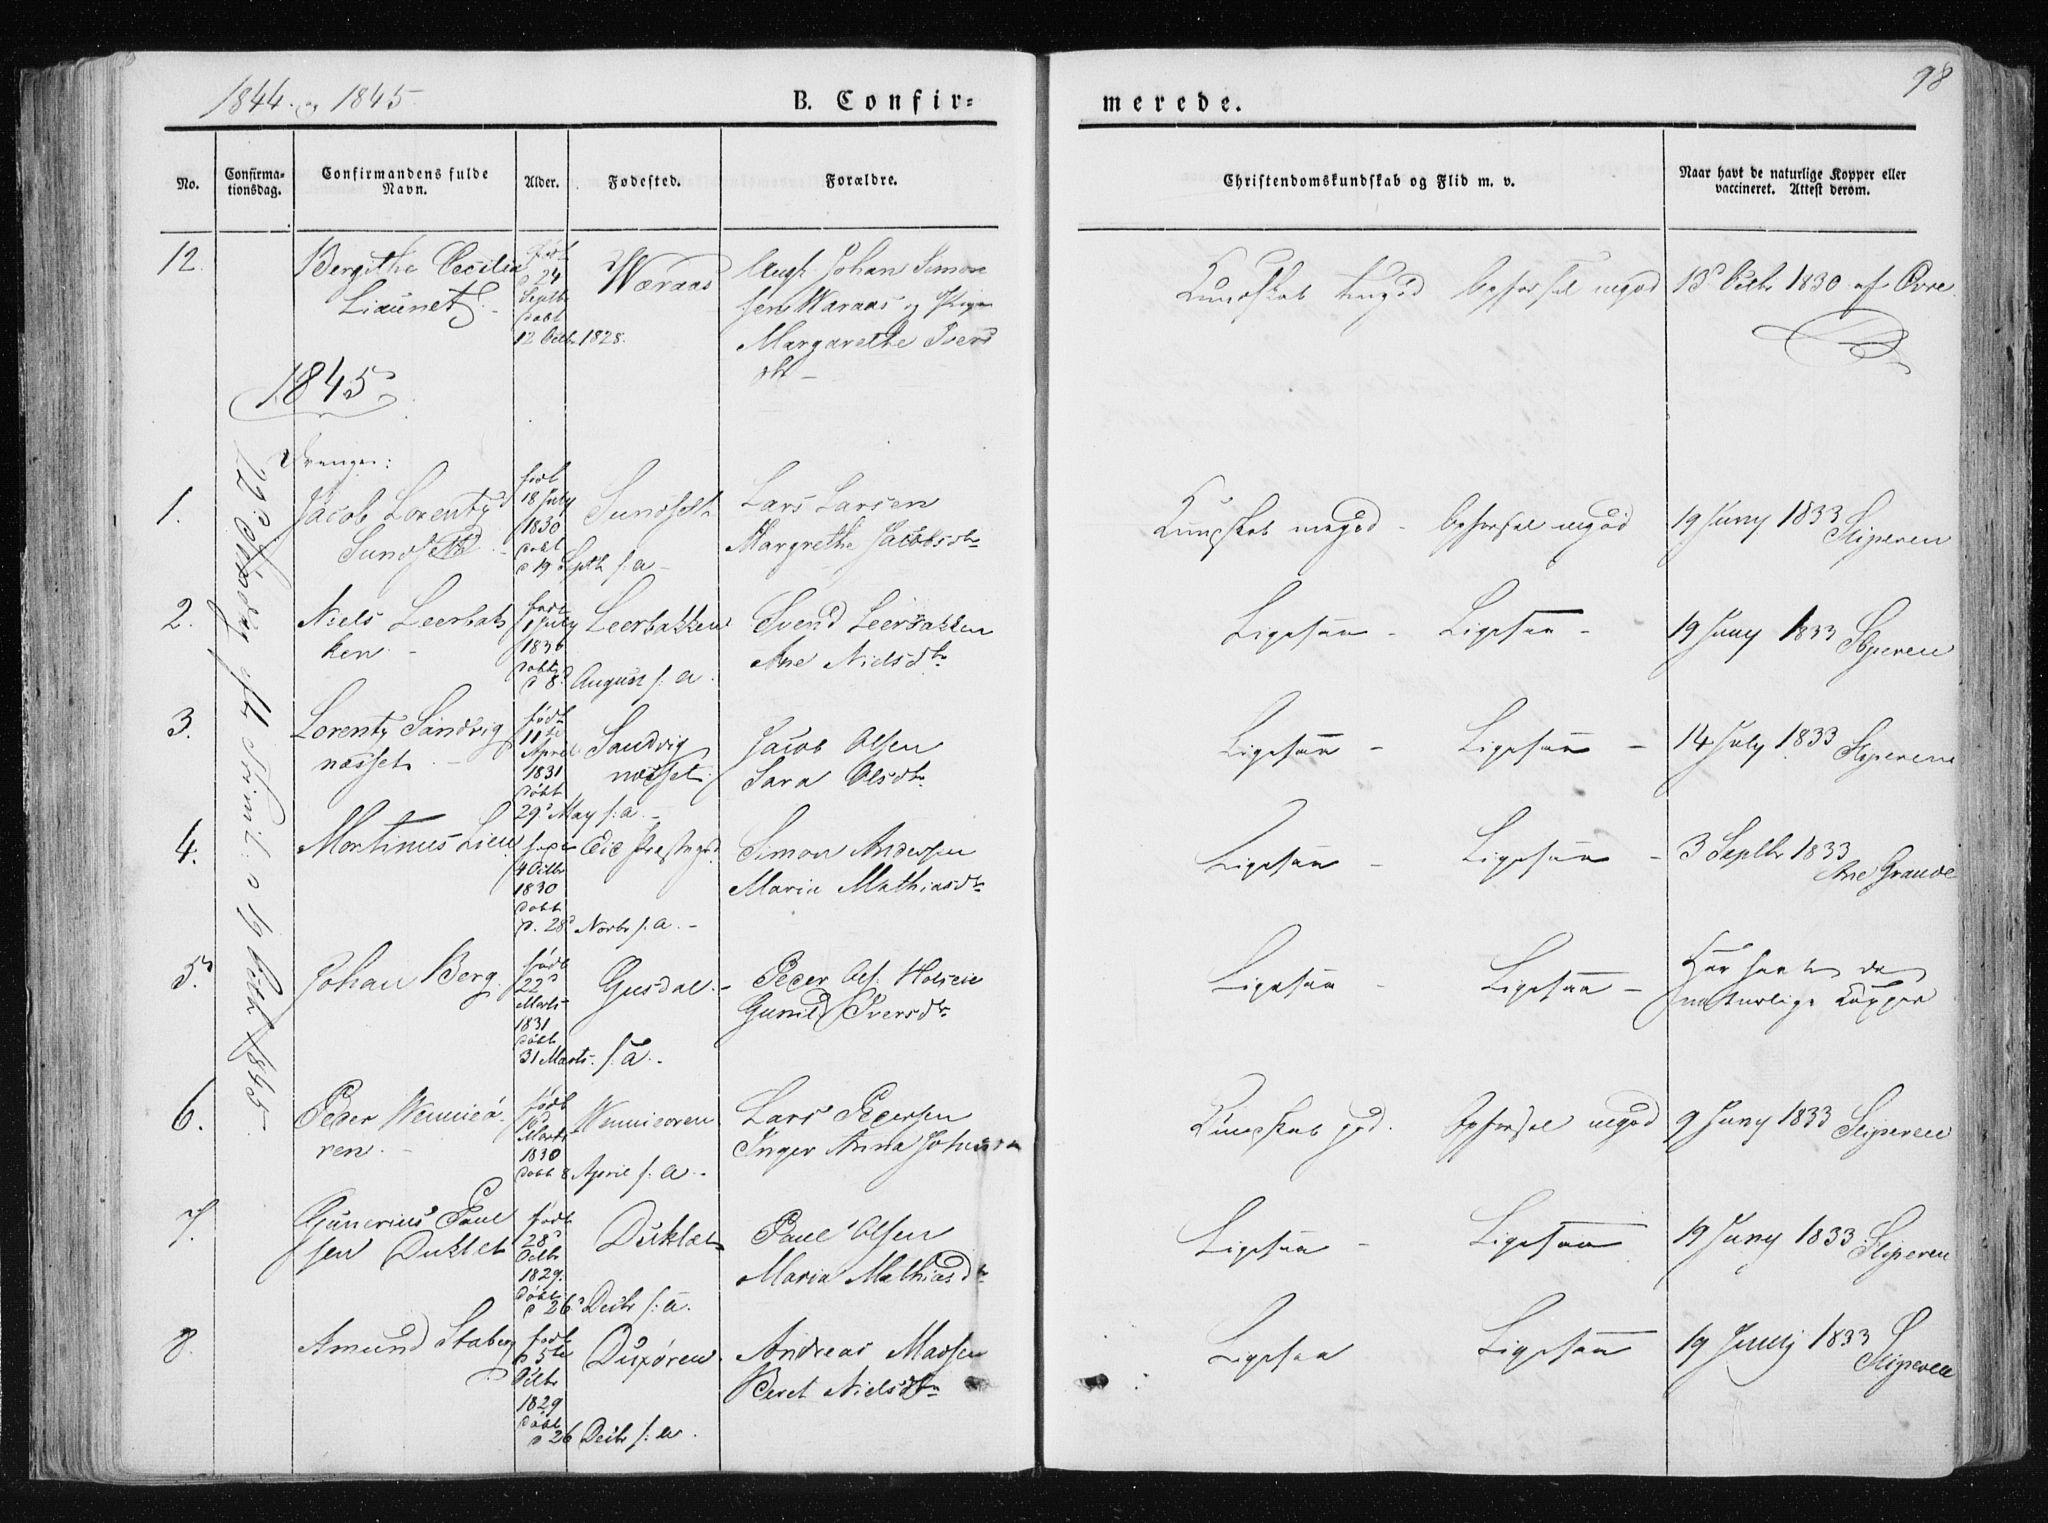 SAT, Ministerialprotokoller, klokkerbøker og fødselsregistre - Nord-Trøndelag, 733/L0323: Ministerialbok nr. 733A02, 1843-1870, s. 98